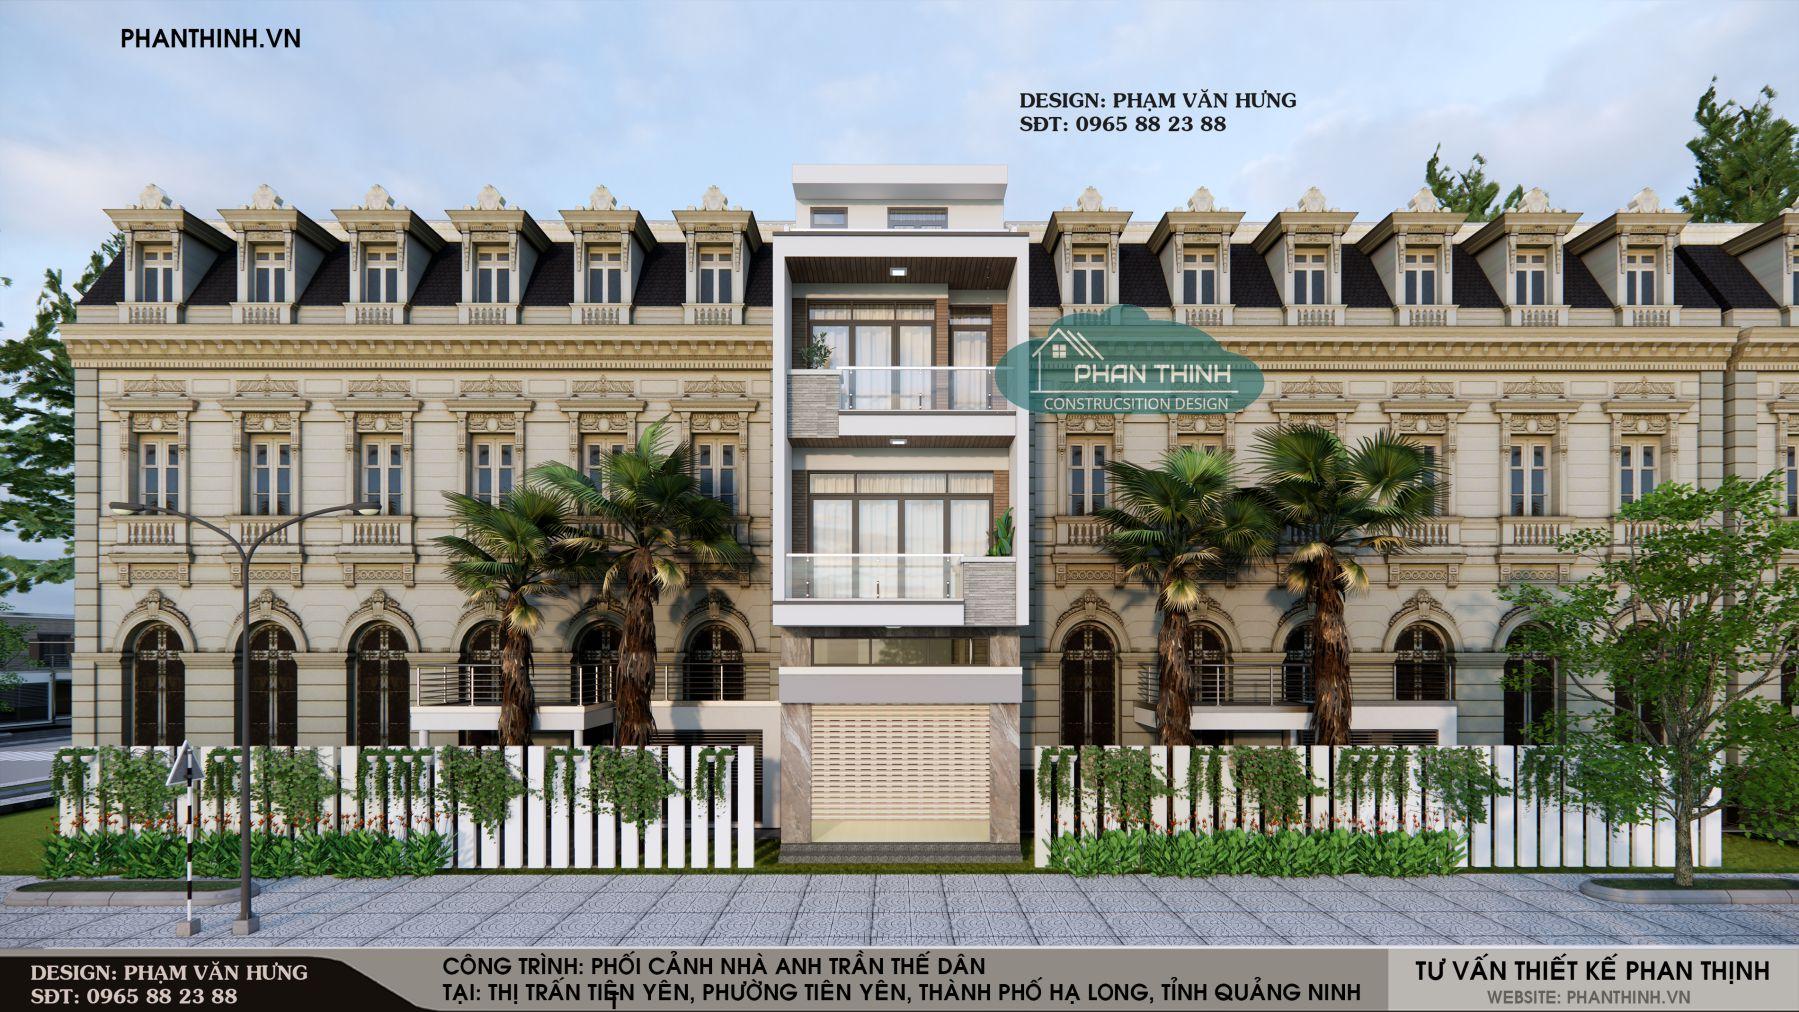 Mẫu phối cảnh nhà 3 tầng đẹp hiện đại ở Quảng Ninh